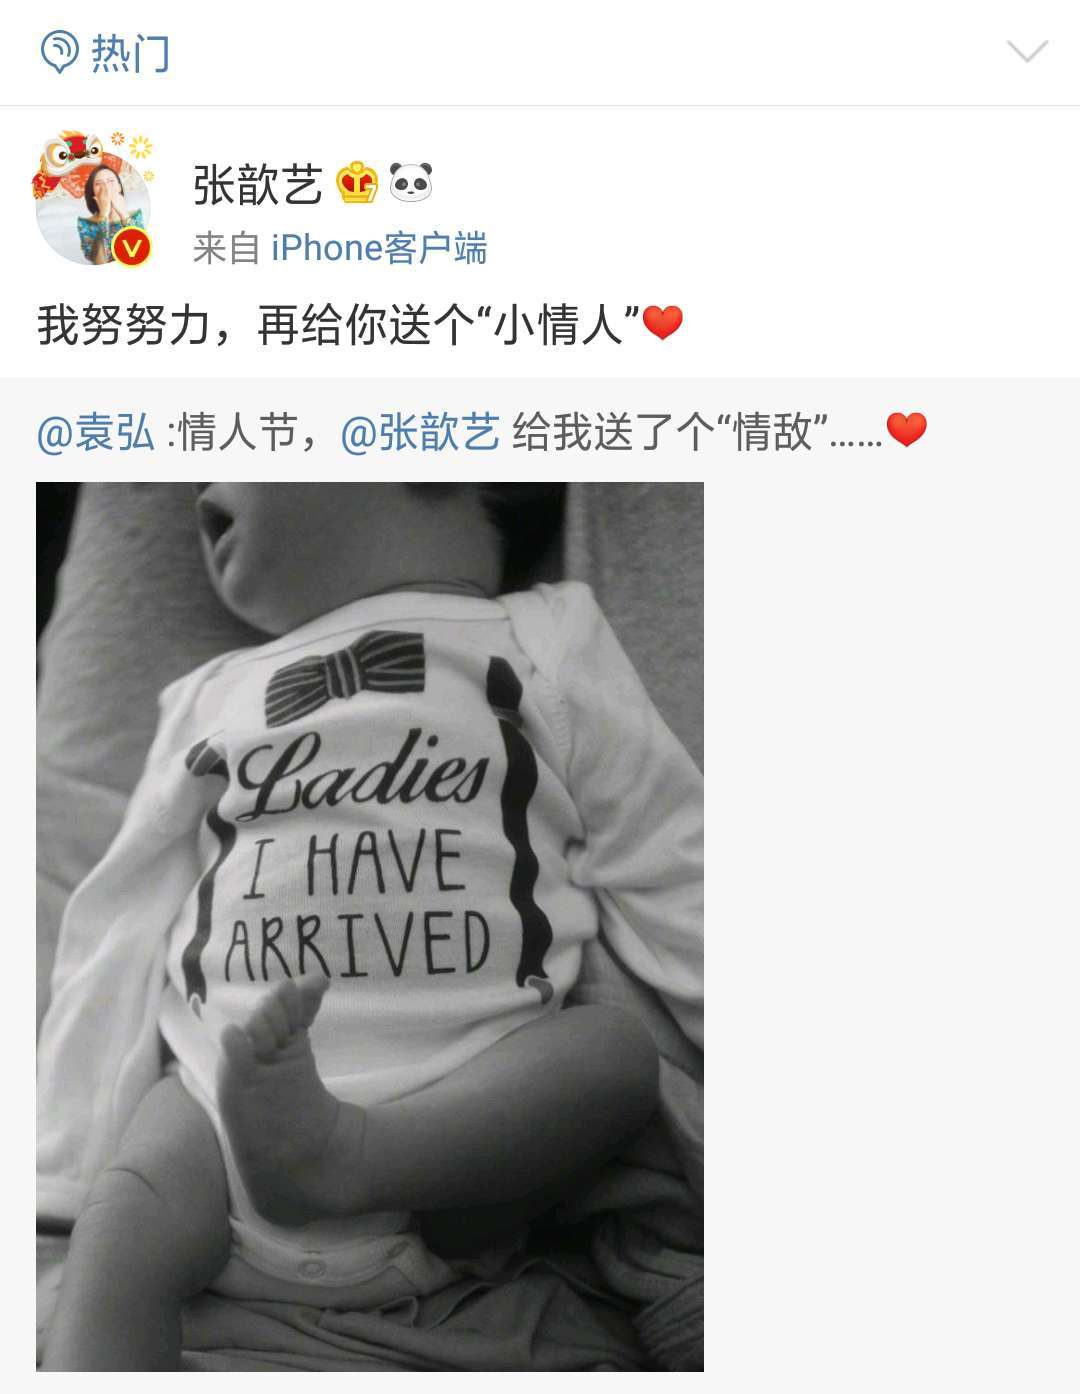 袁弘情人节宣布当爸 陪产宠妻甜蜜无敌